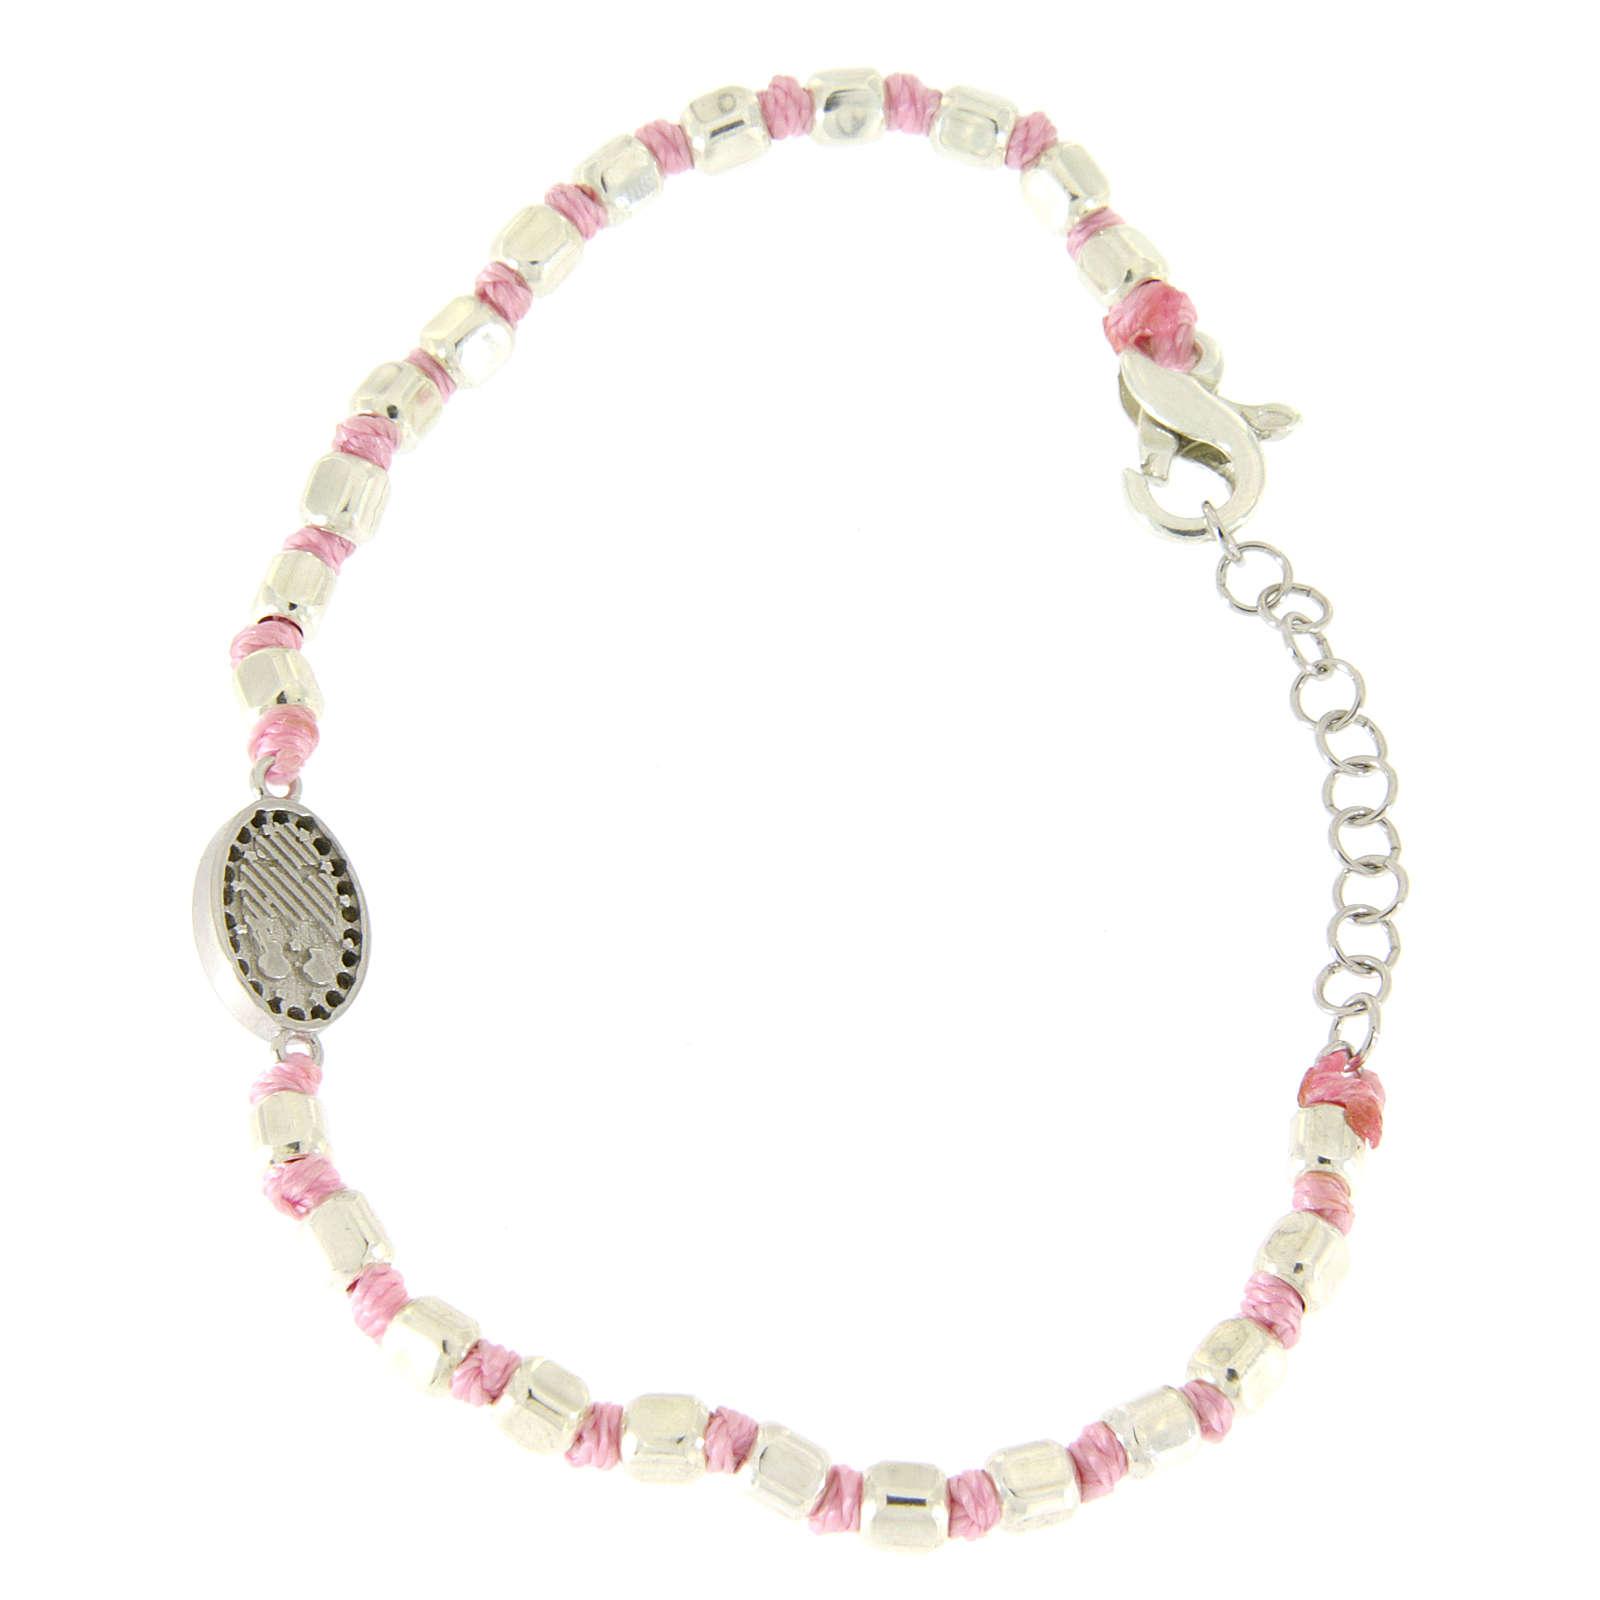 Pulsera esferas talladas plata 2 mm, cuerda rosa de algodón, pequeña medalla S. Rita zircones negros 4